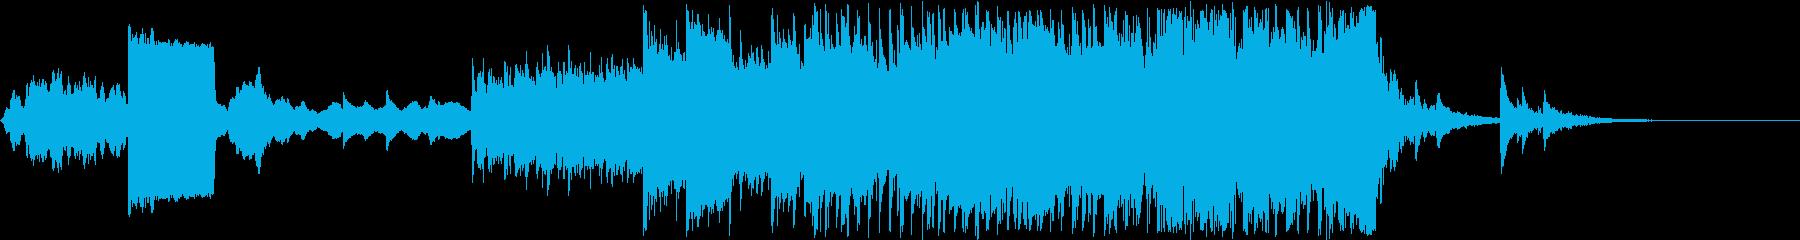 シンセを使った近未来感のある曲の再生済みの波形